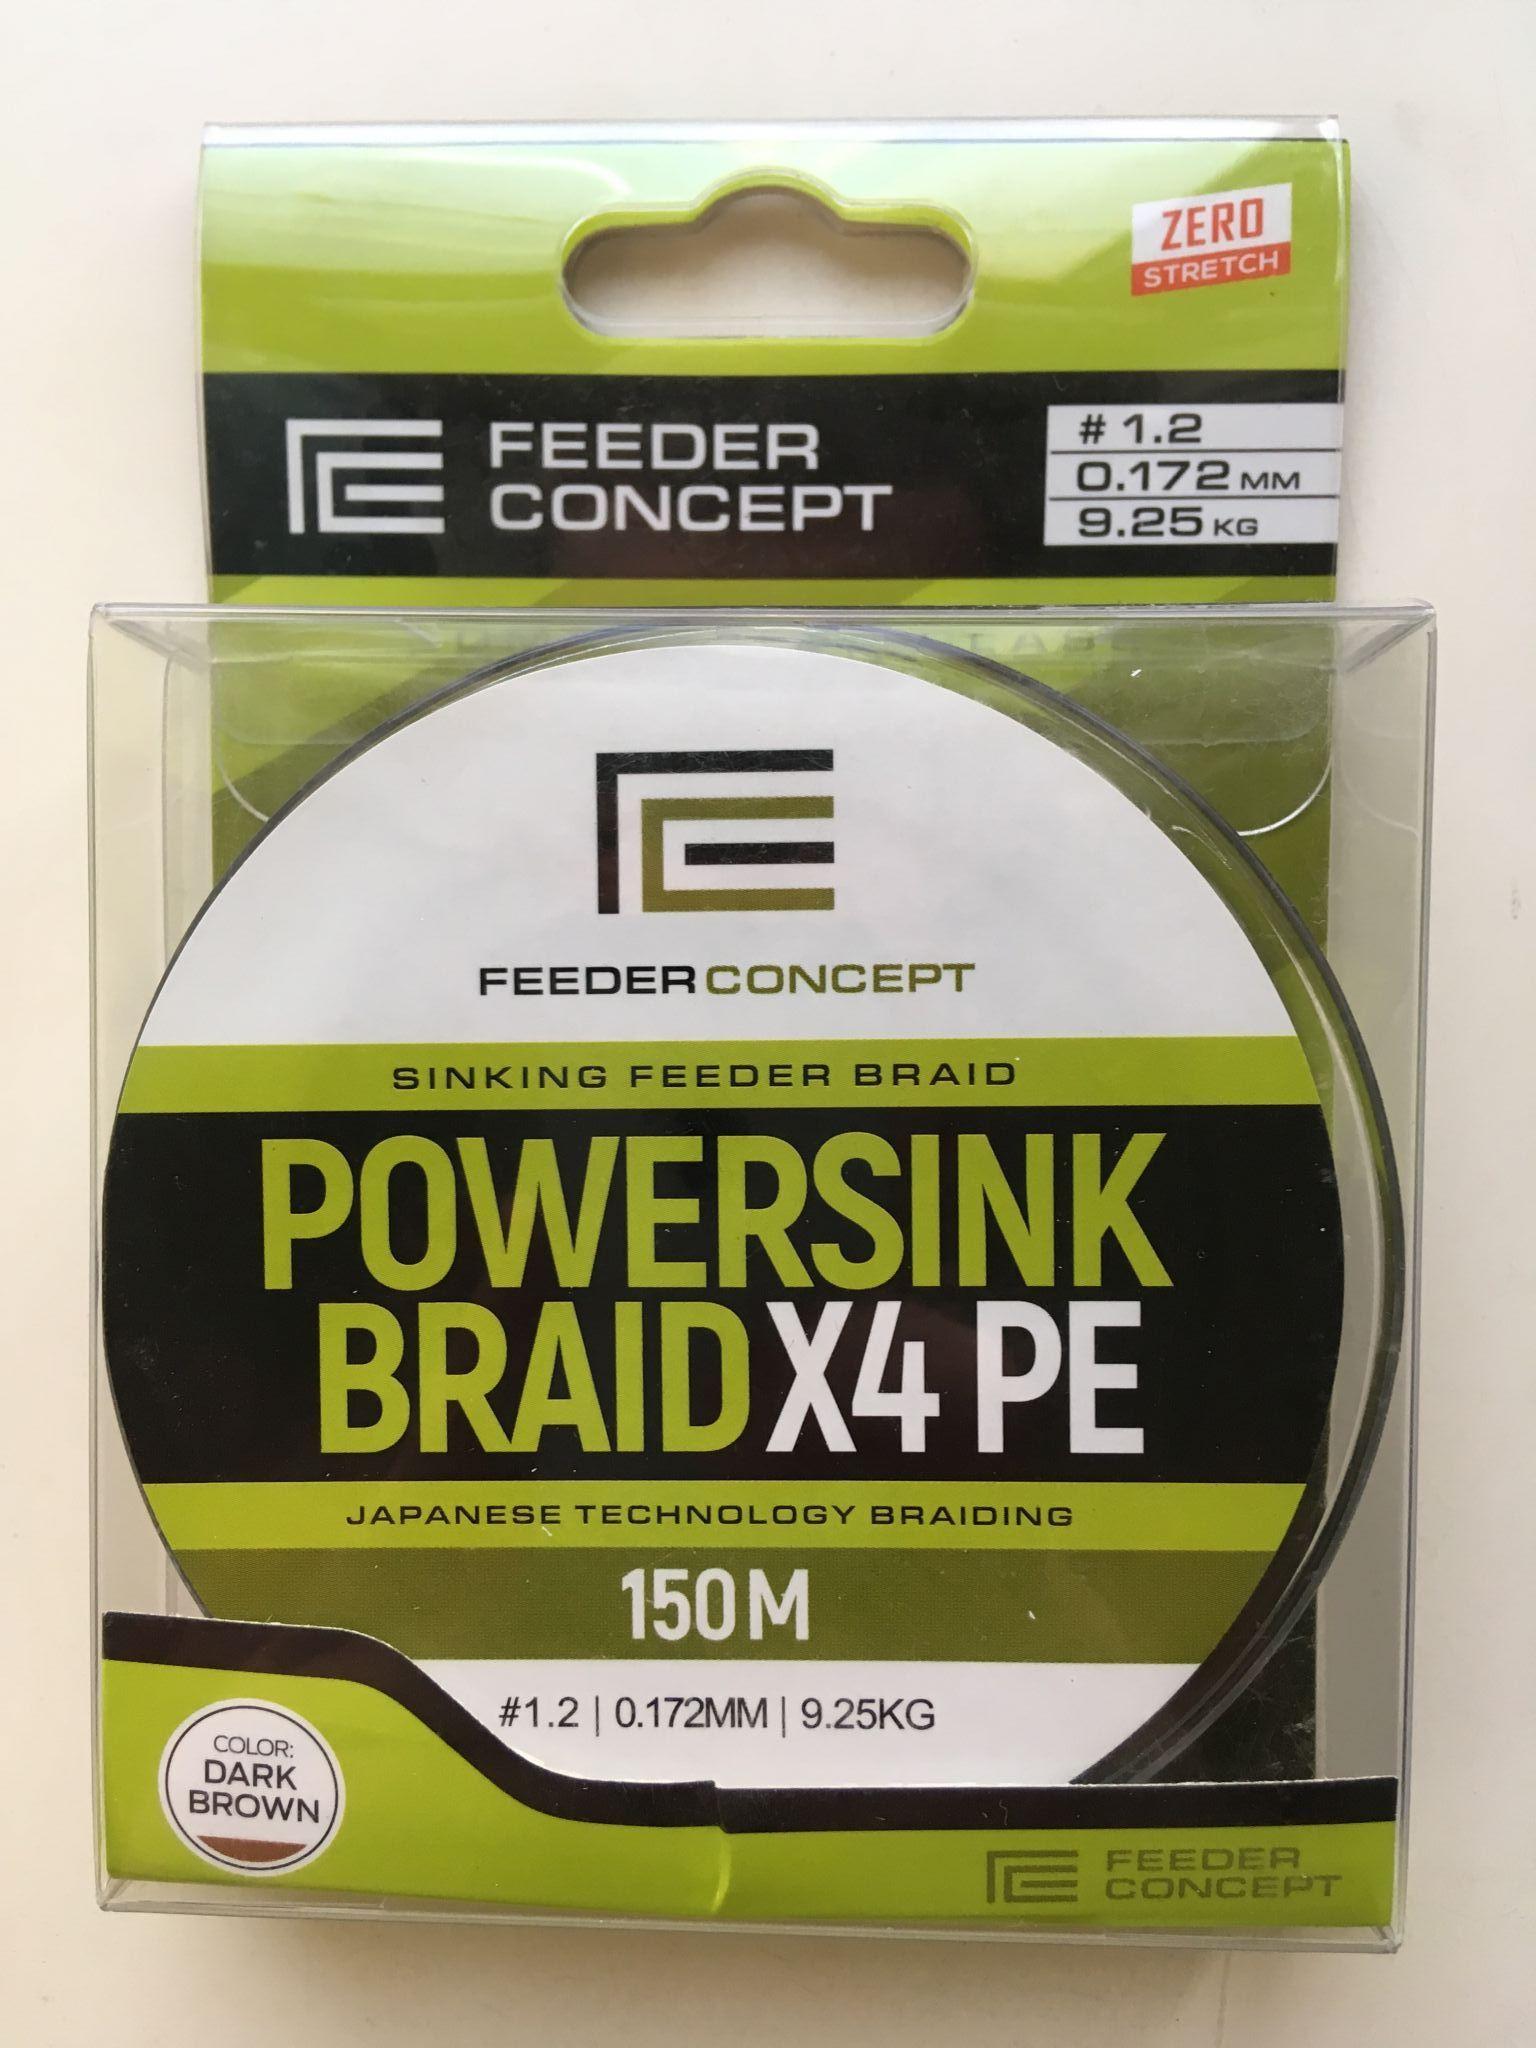 Powersink Braid X4 PE